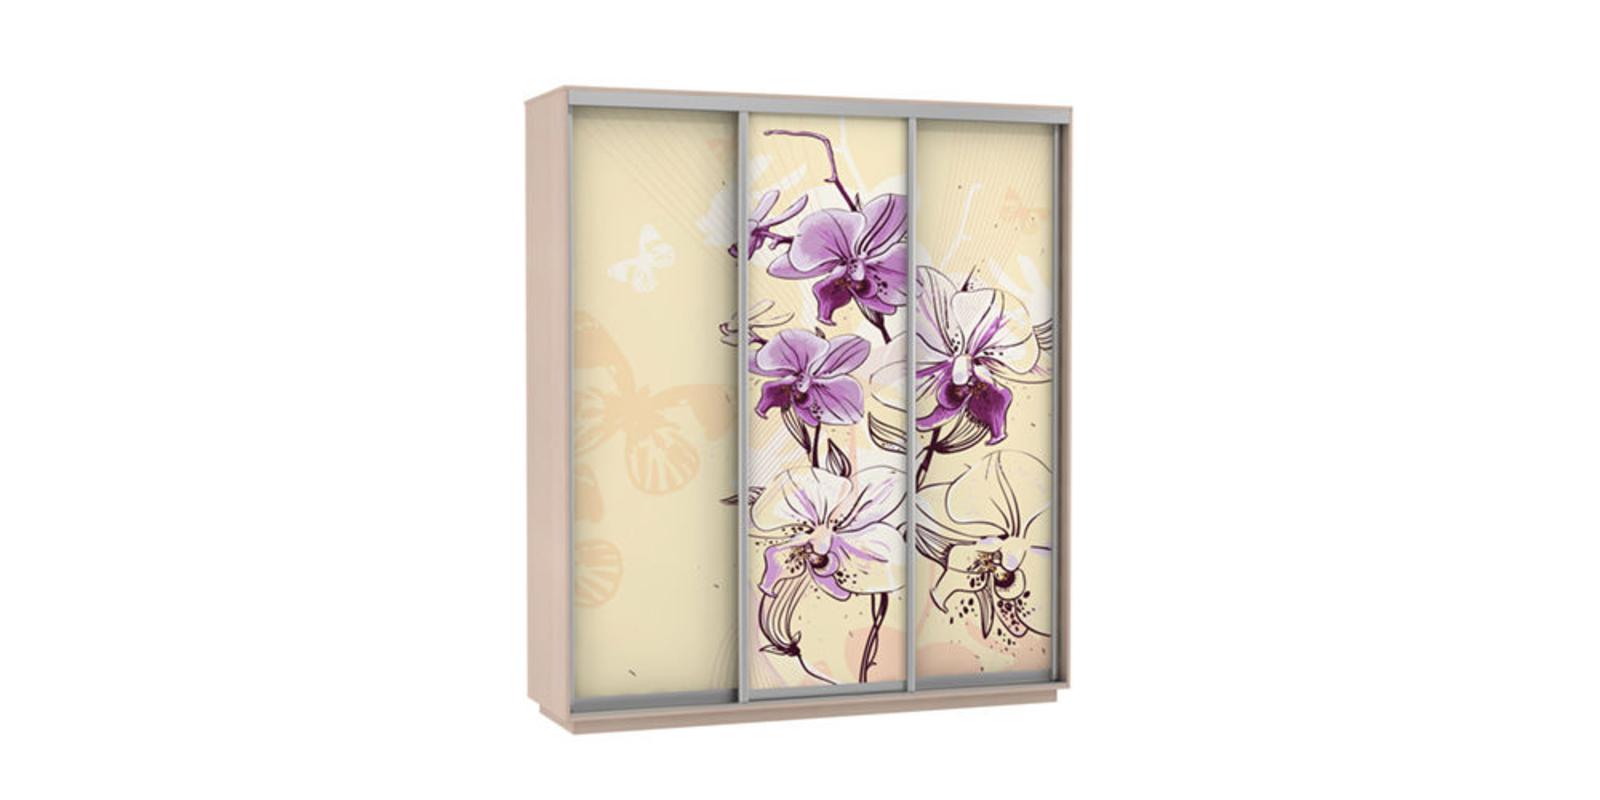 Шкаф-купе трехдверный Байкал 210 см (дуб молочный/орхидея)